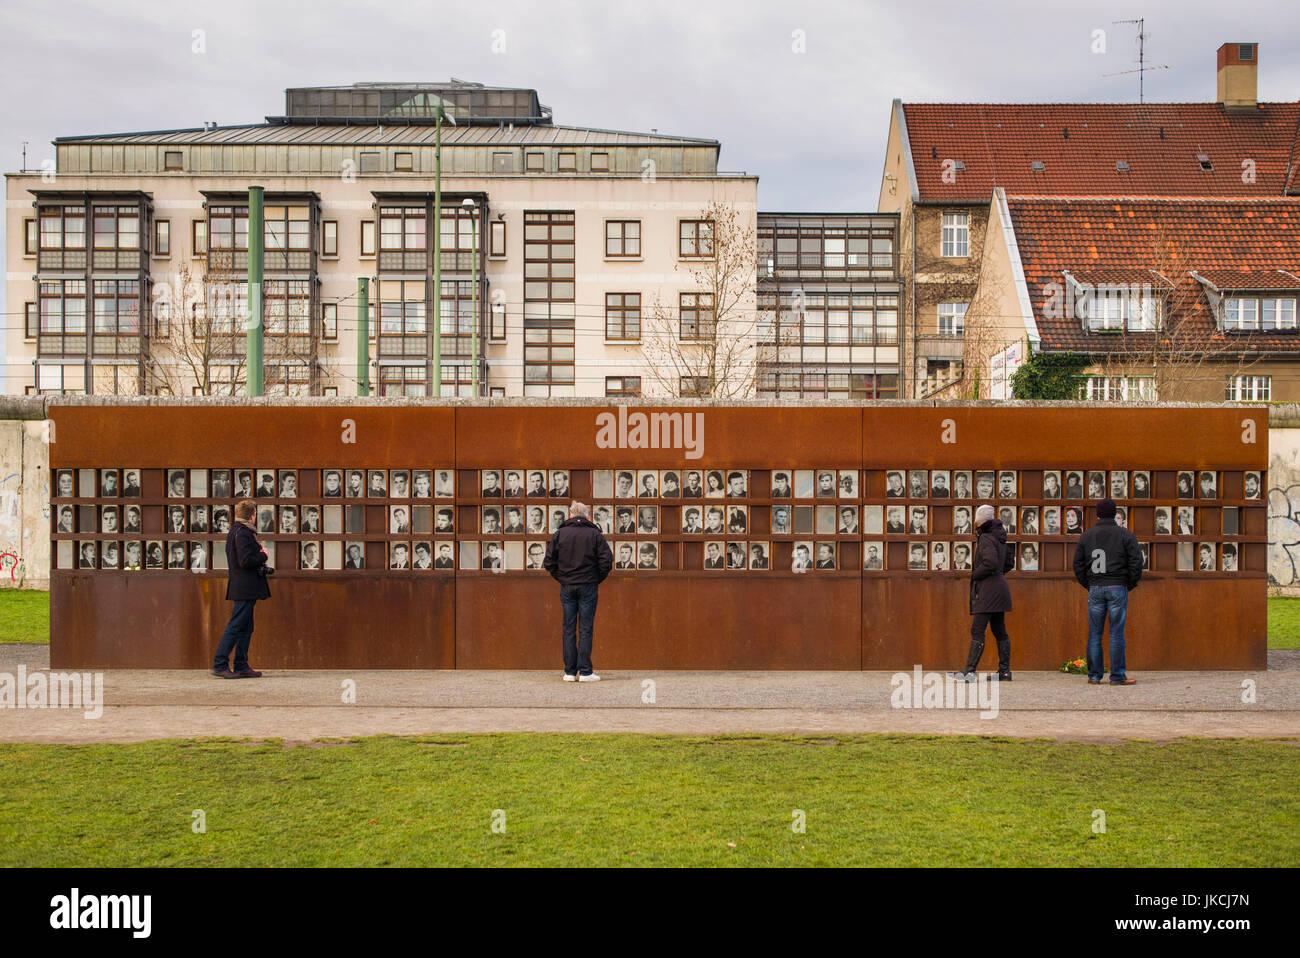 Deutschland, Berlin, Prenzlauerberg, Gedenkstätte Berliner Mauer, Fotos der Toten durch die Grenzschutzbeamten Flucht Stockfoto